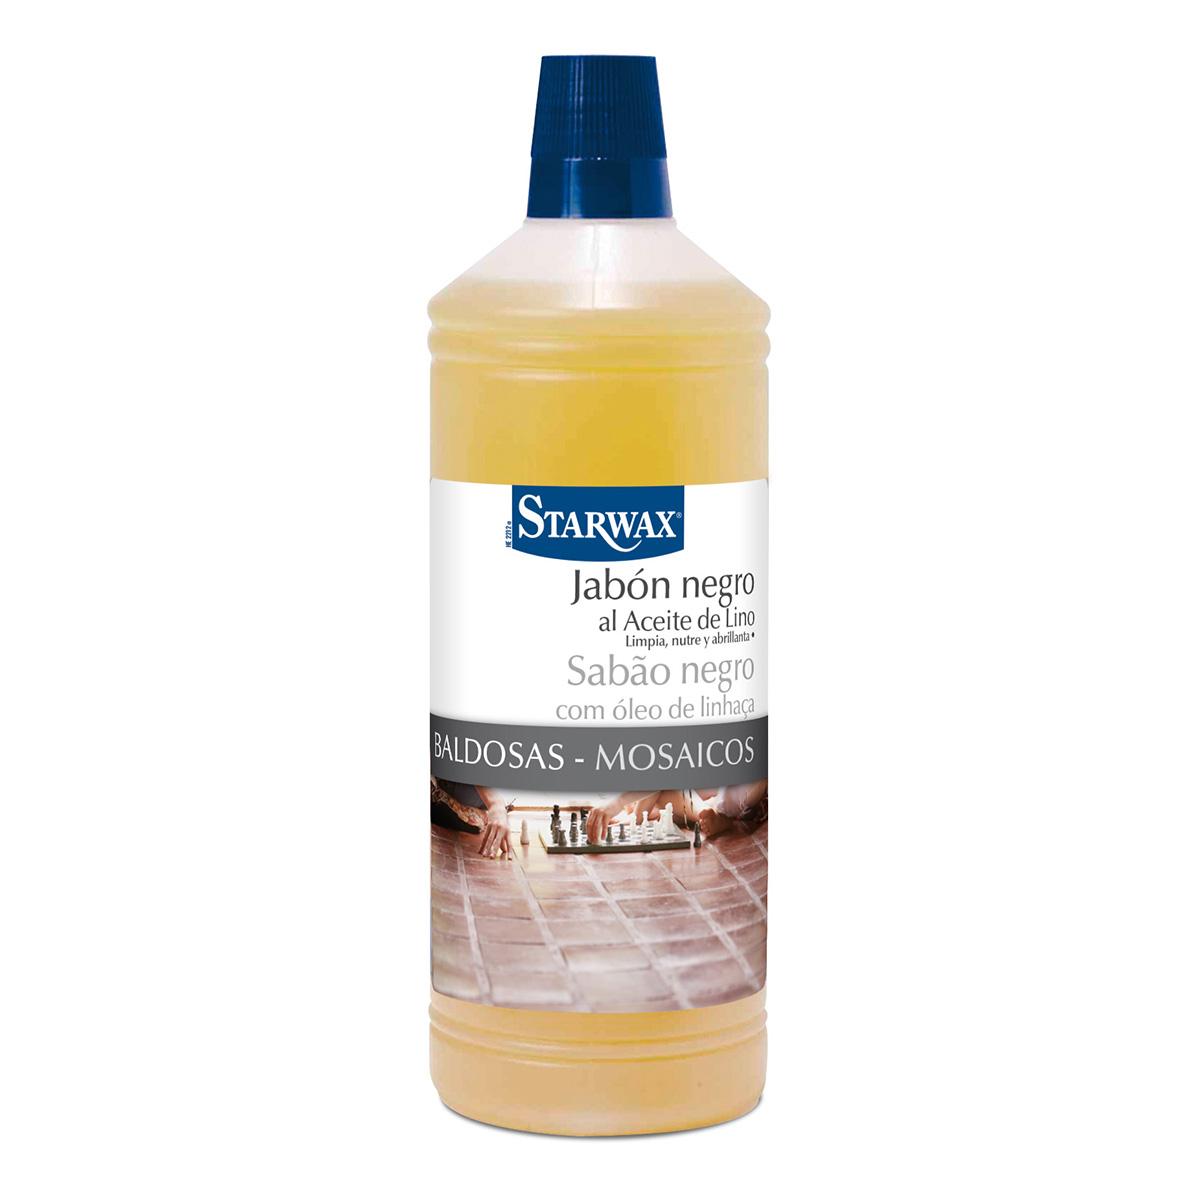 Jabón negro al aceite de lino – Starwax